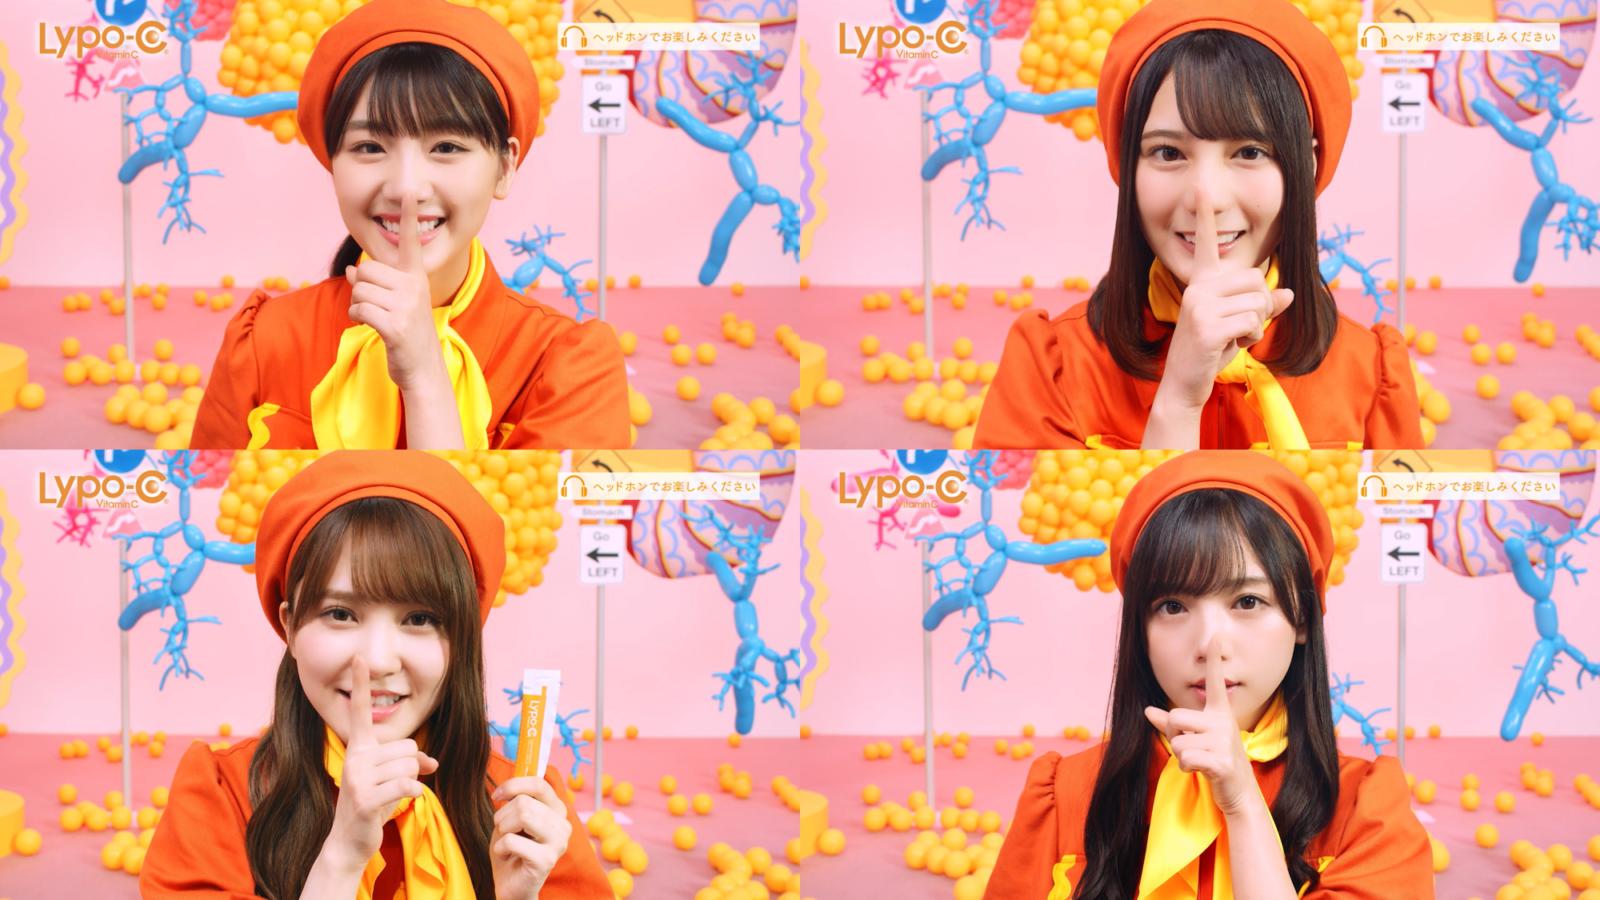 """日向坂46、POPでカラフルな衣装で""""妖精""""に扮するWebCMが公開サムネイル画像"""